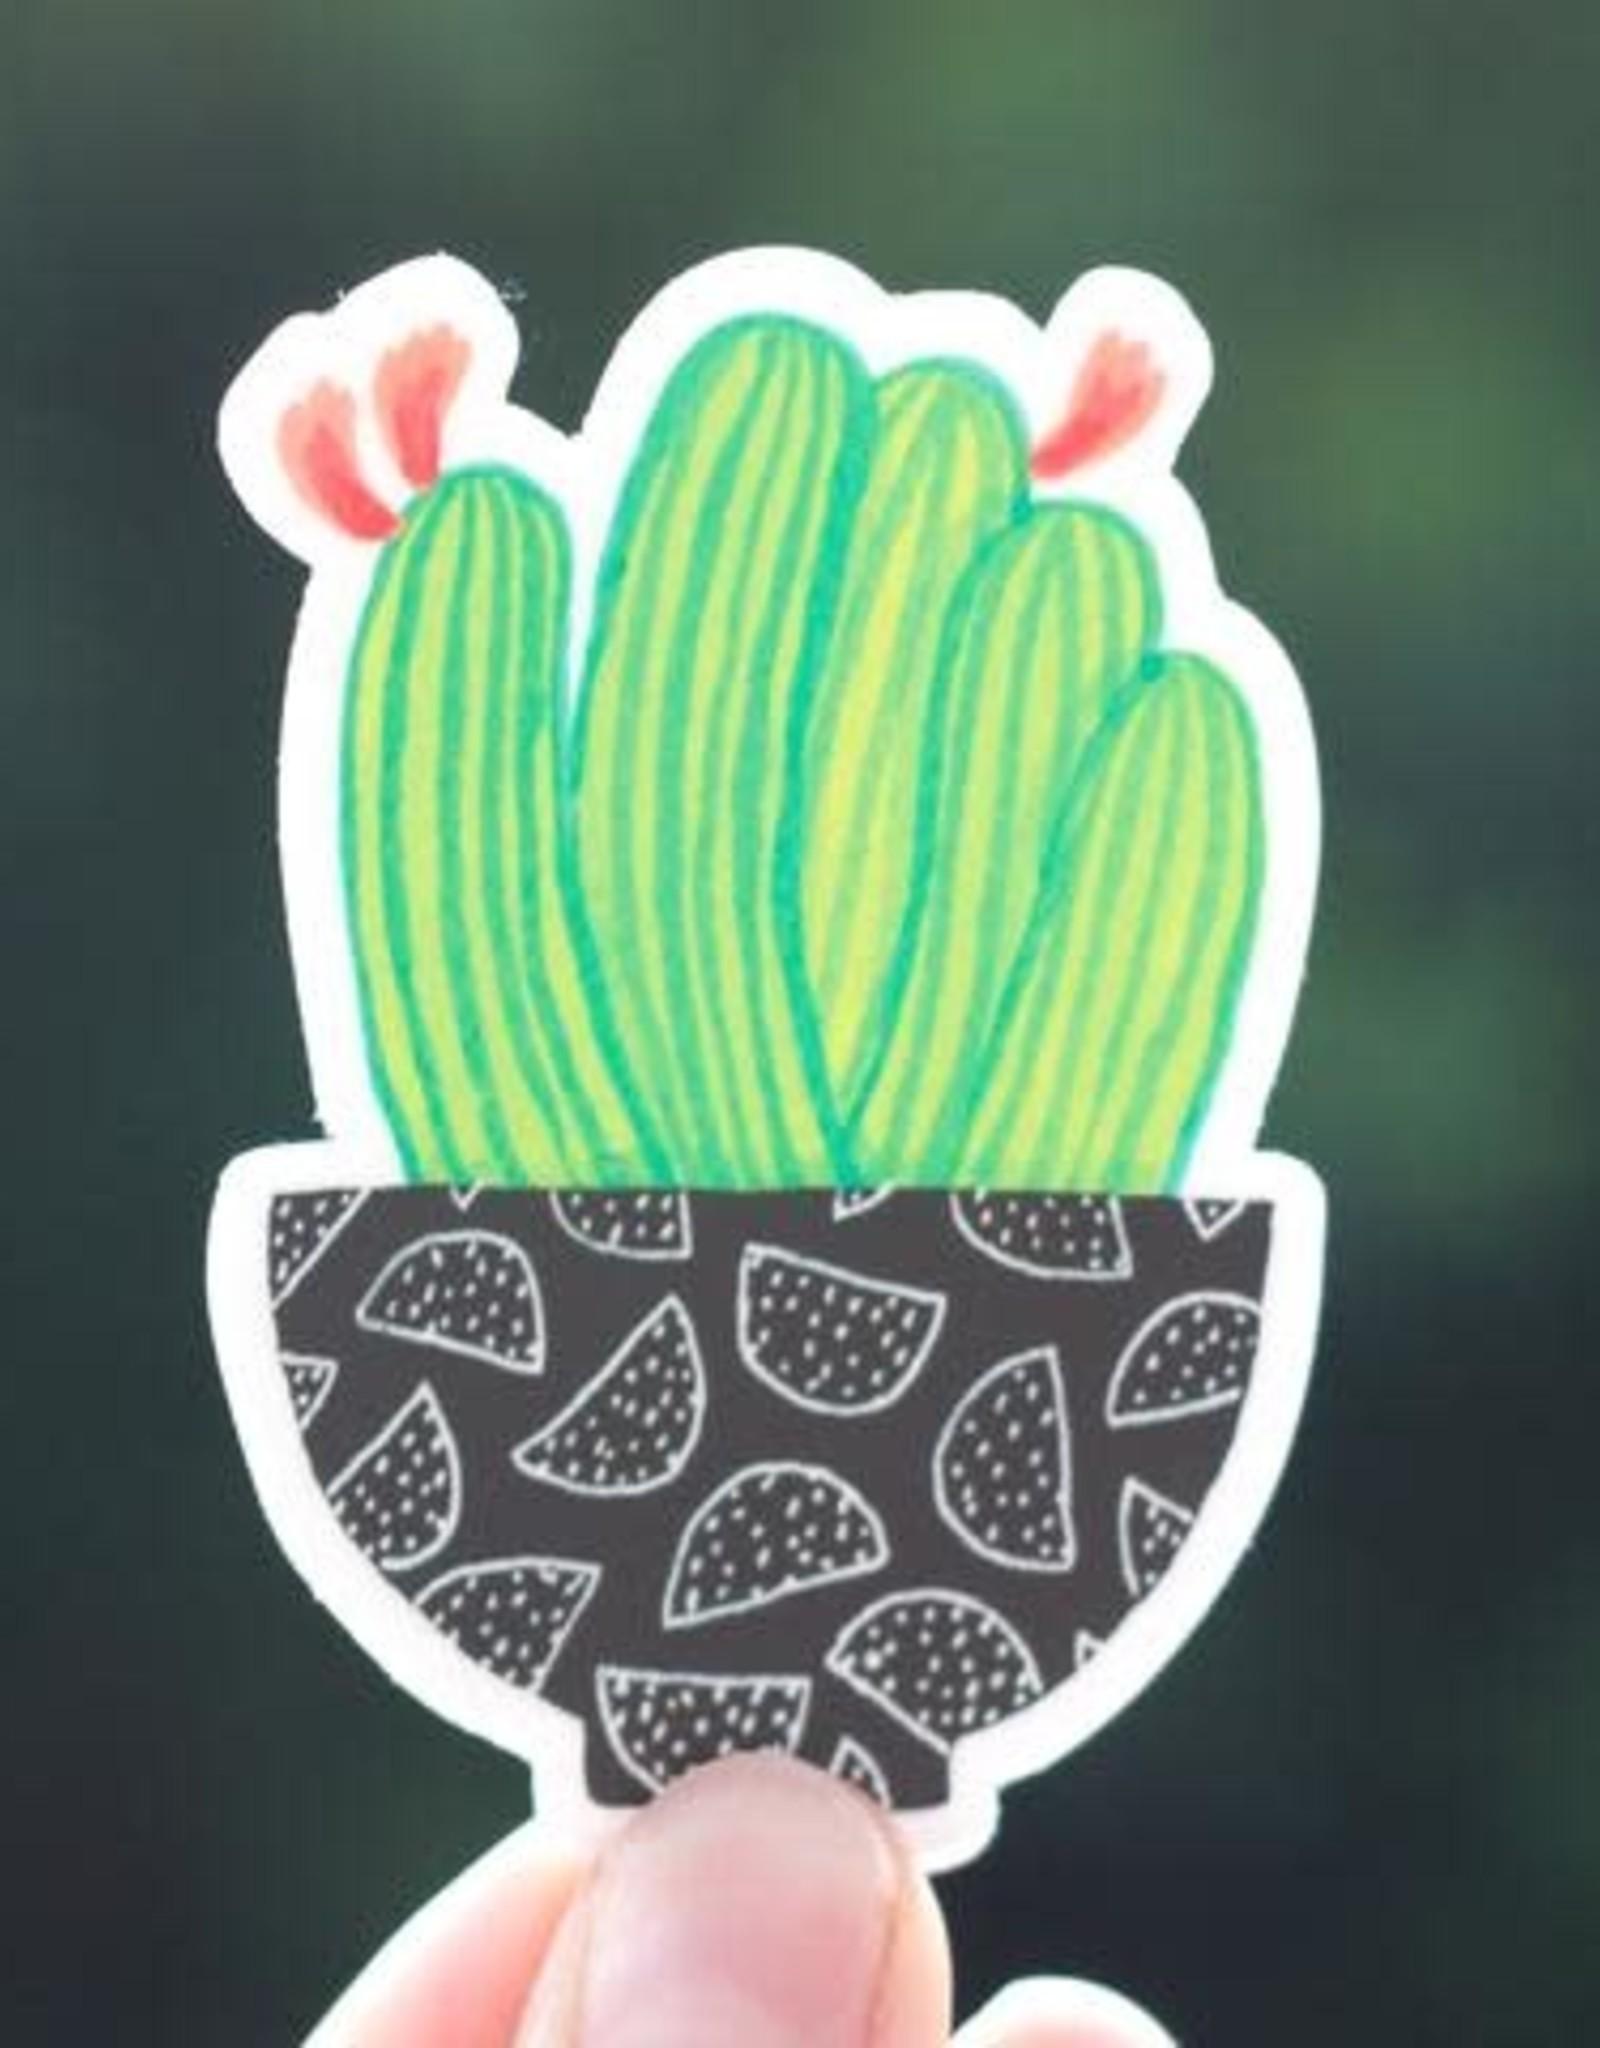 Cactus Club Paper Cactus Bowl Sticker